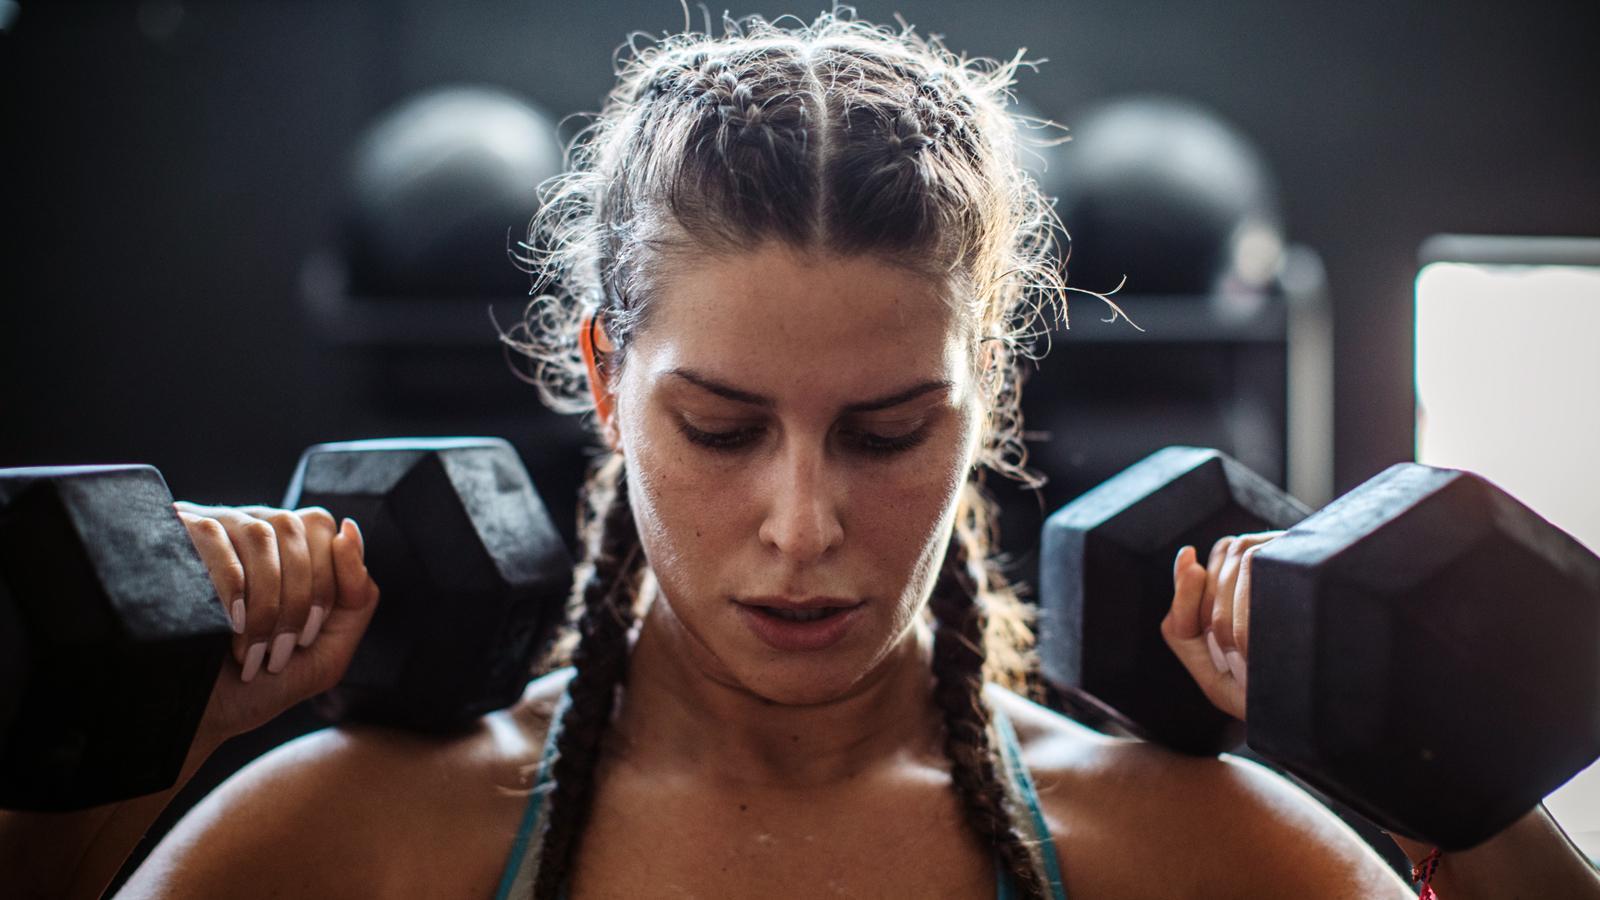 Частота физических упражнений оказалась важнее для женской выносливости, чем их интенсивность